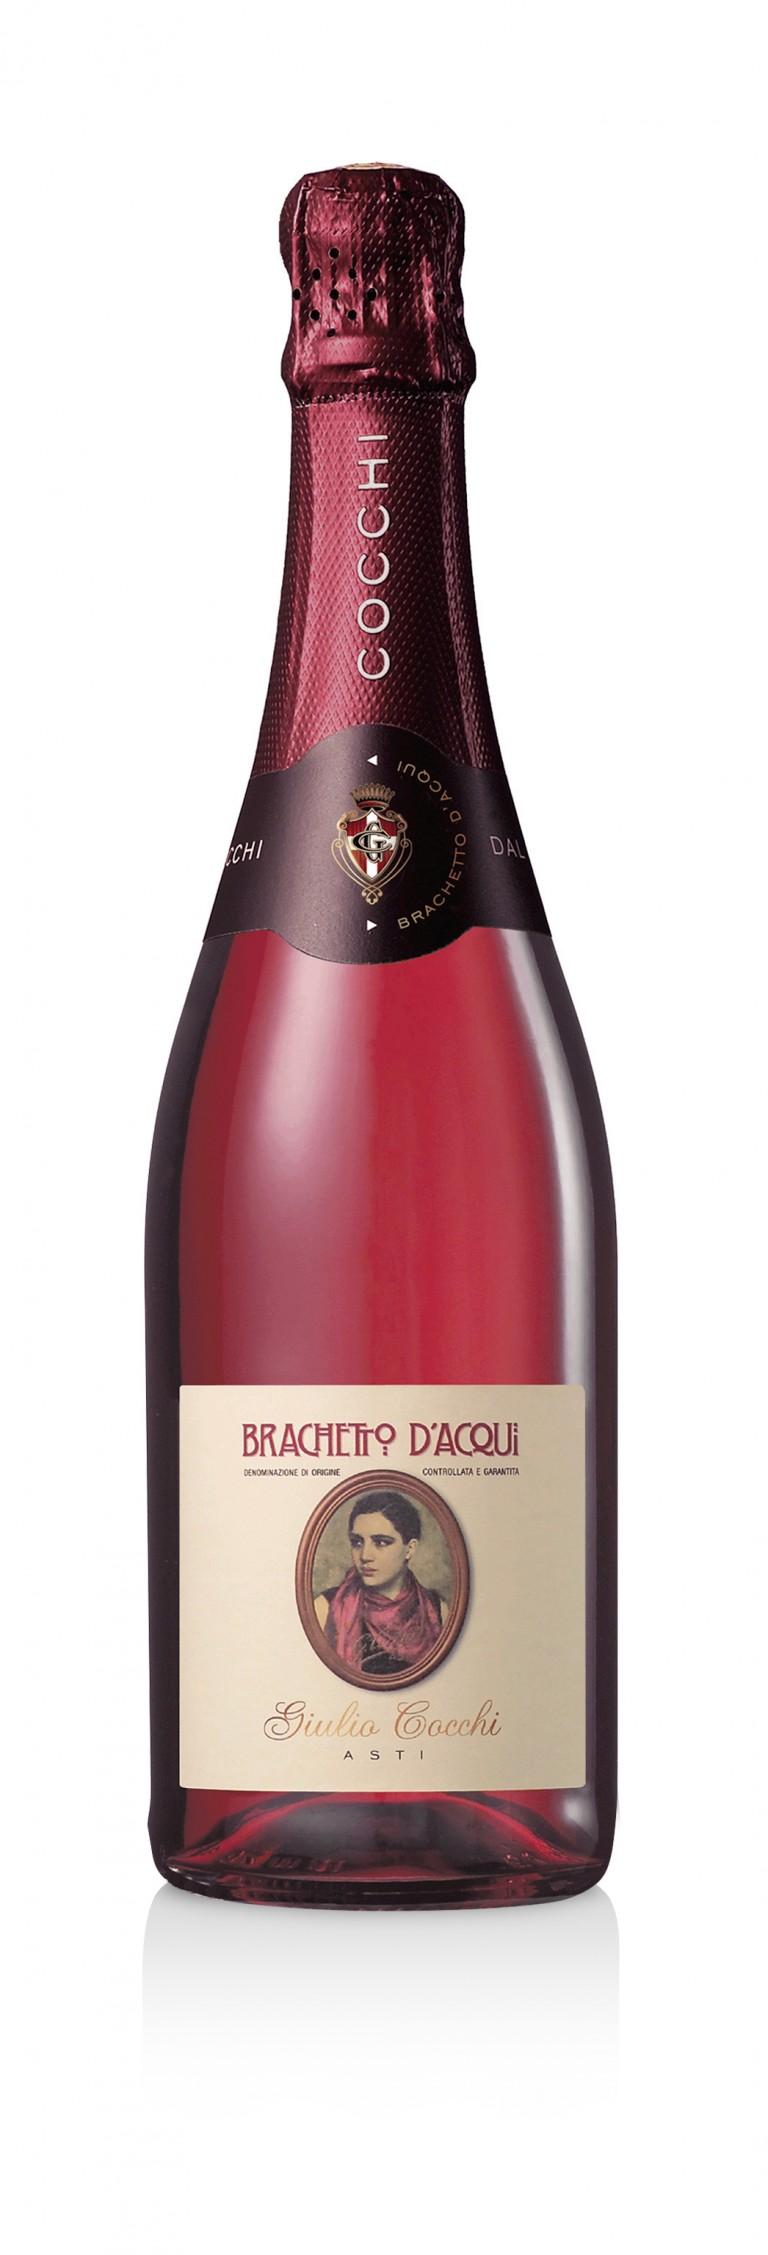 Cocchi Brachetto d'Acqui